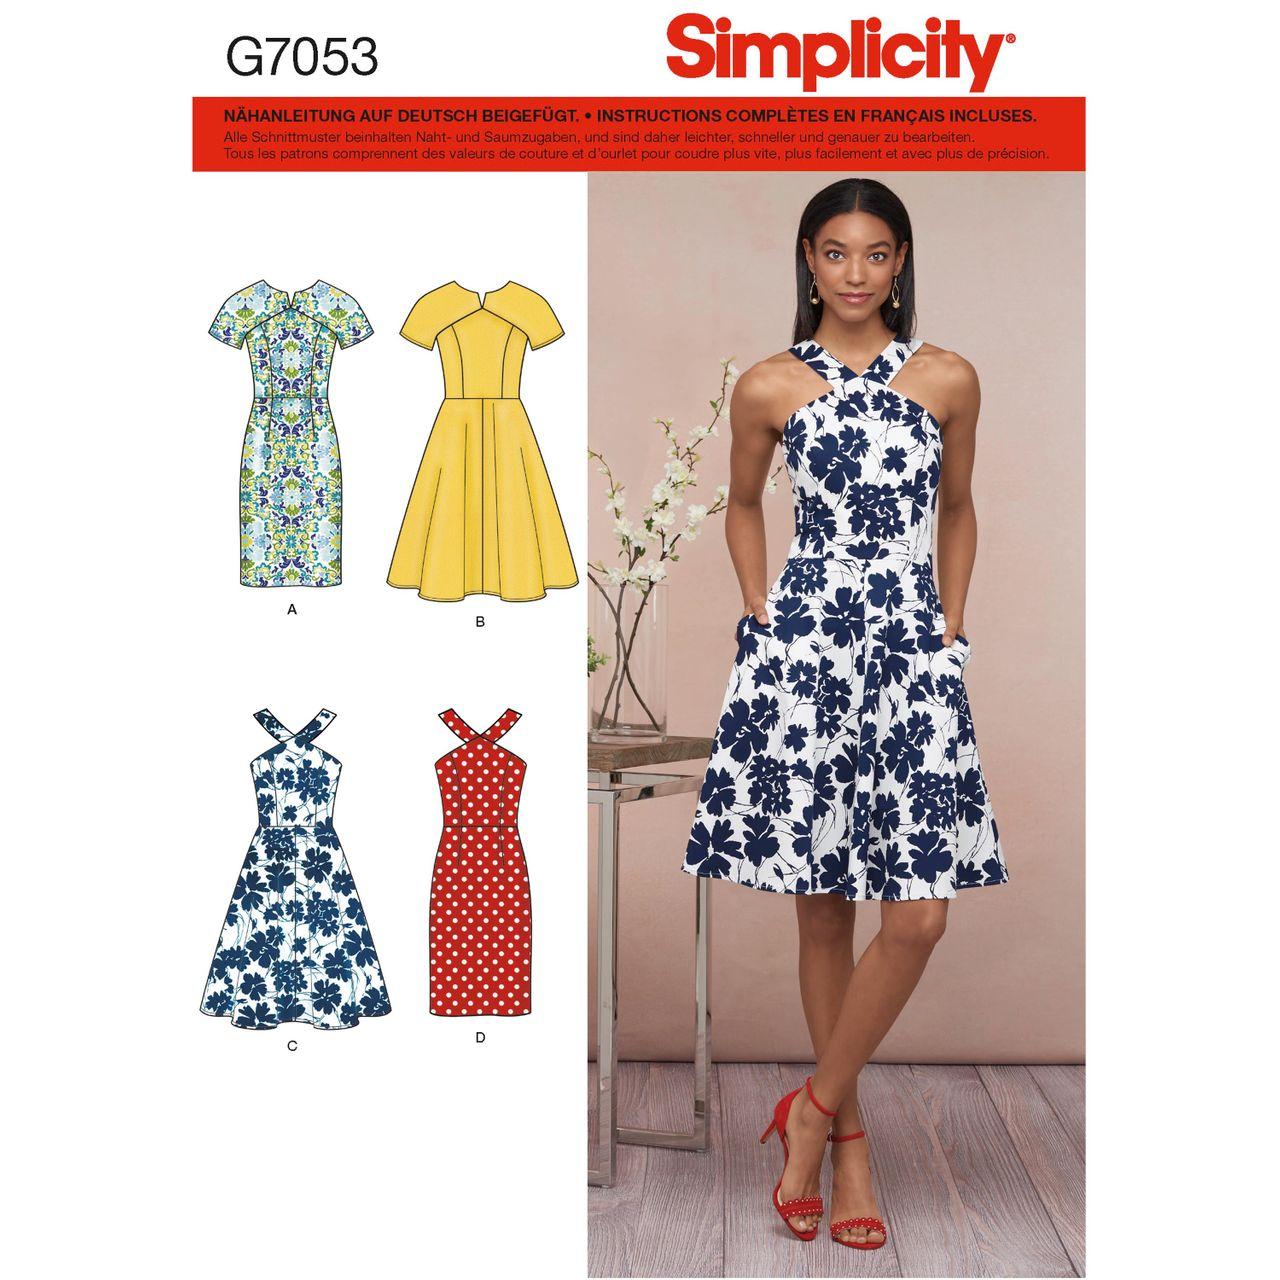 Simplicity Schnittmuster 18 - Damen Kleid, kurze Größen  alfatex Webshop